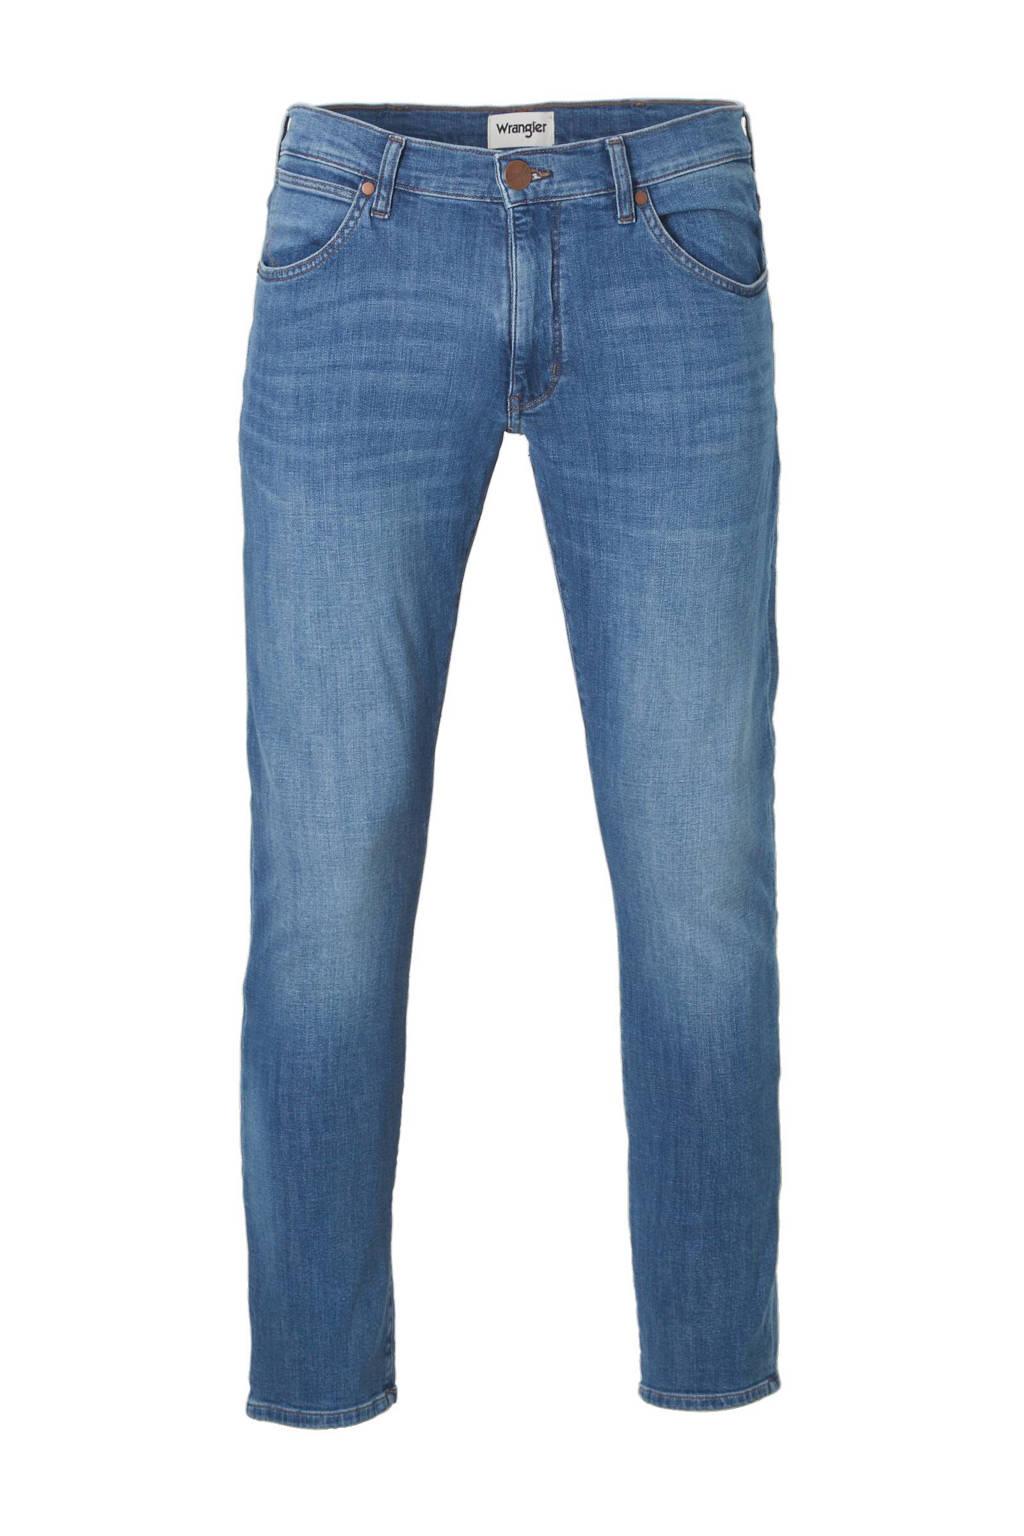 Wrangler Larston slim tapered fit jeans, Light Shore